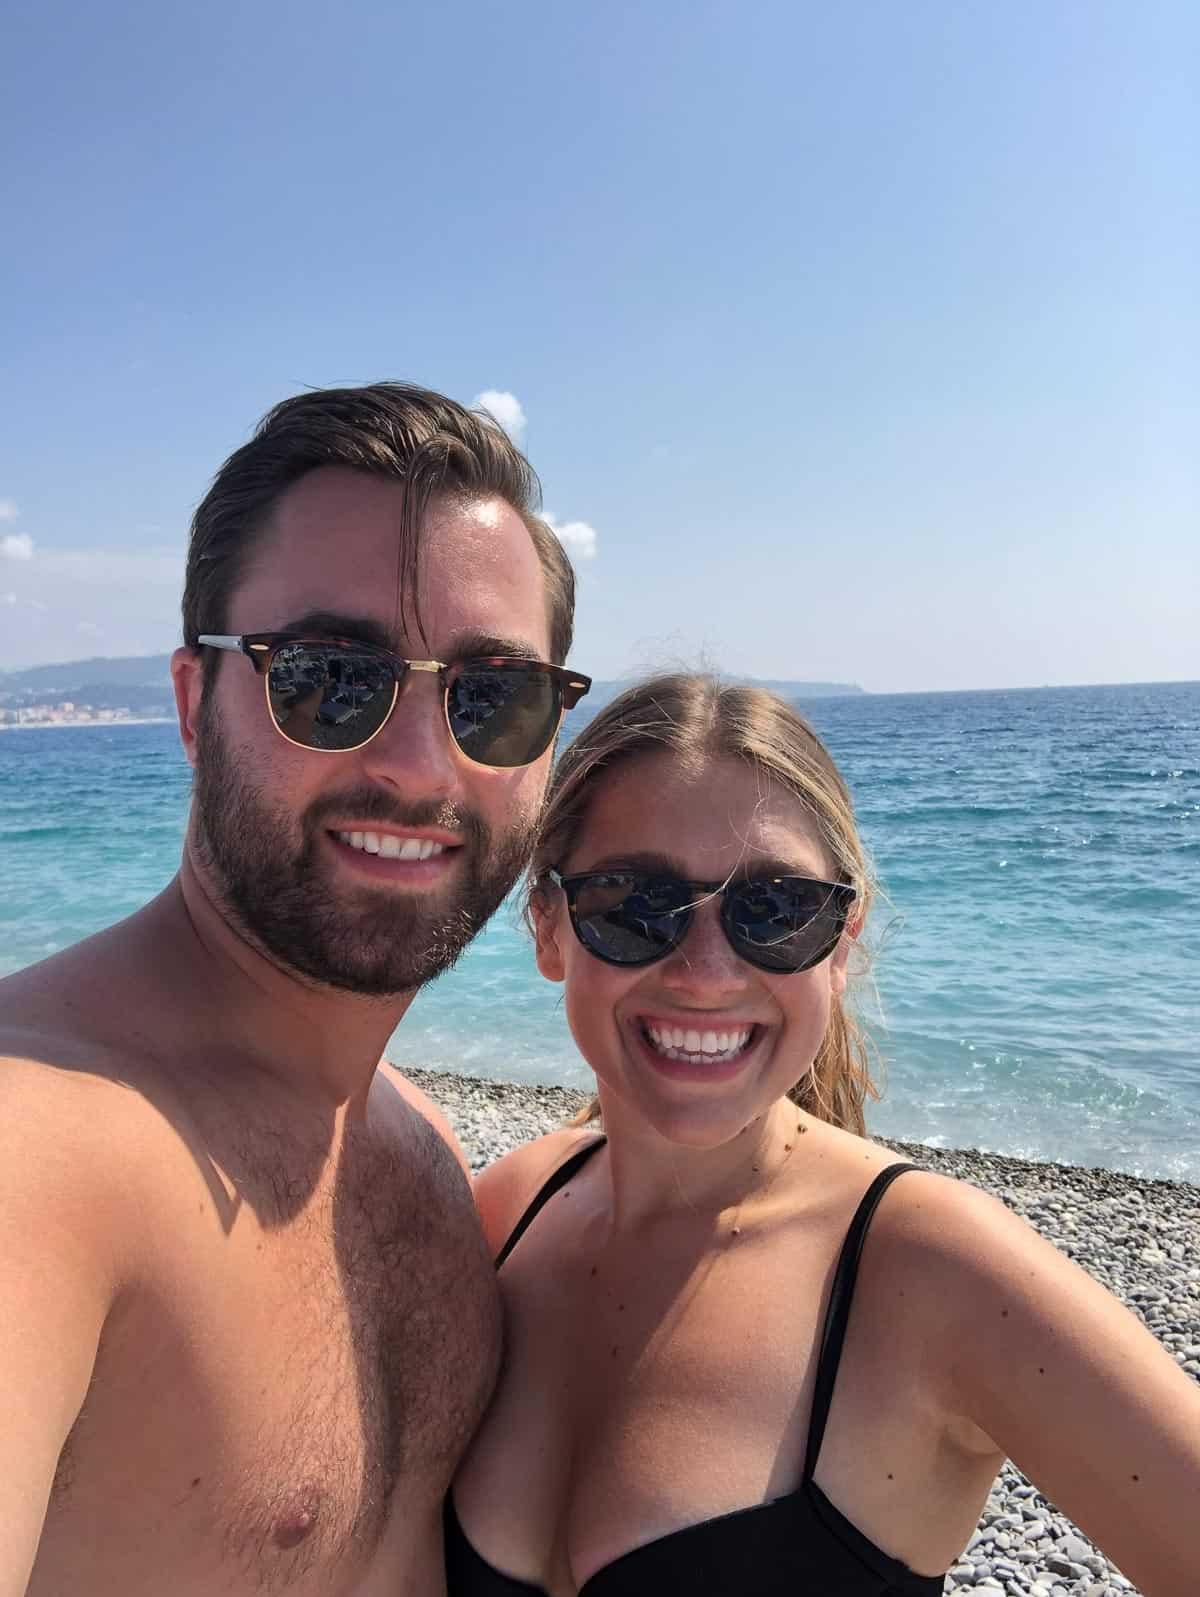 Kara and Steve on the beach